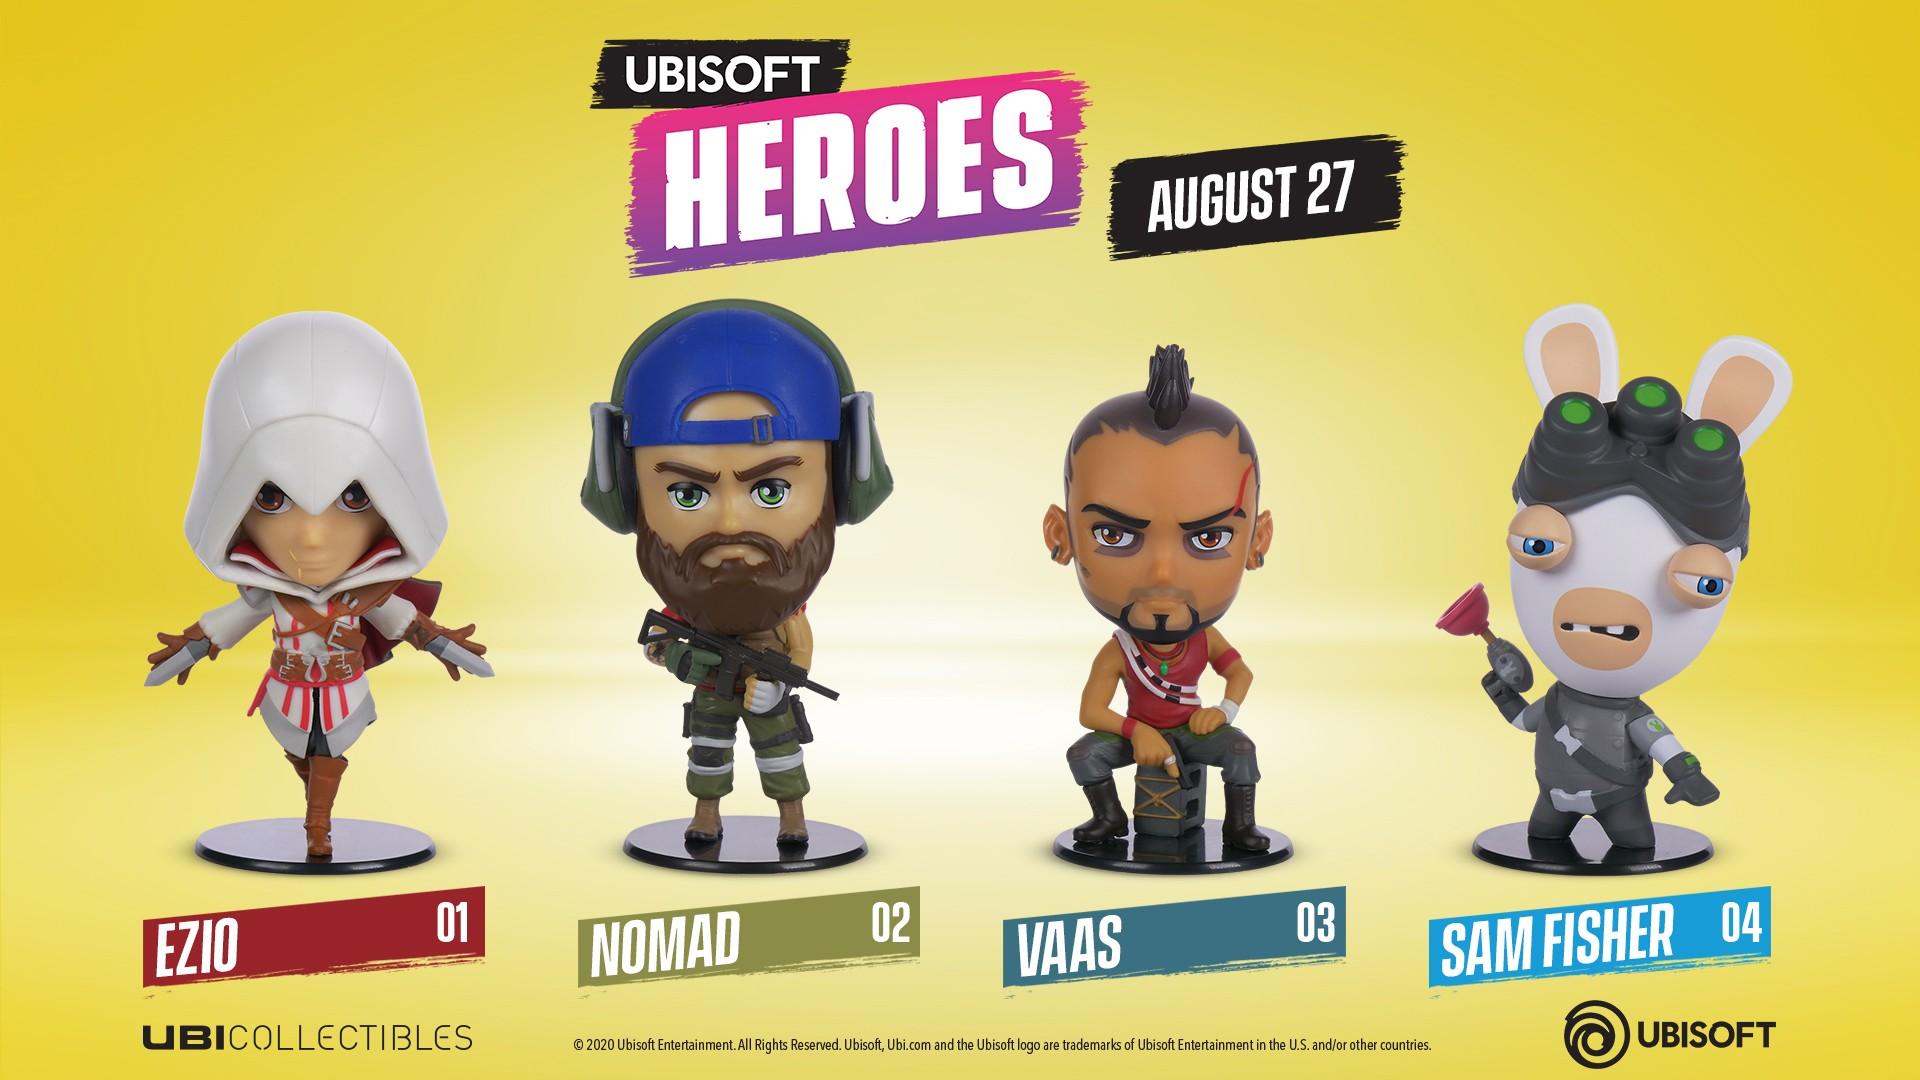 Ubisoft Heroes